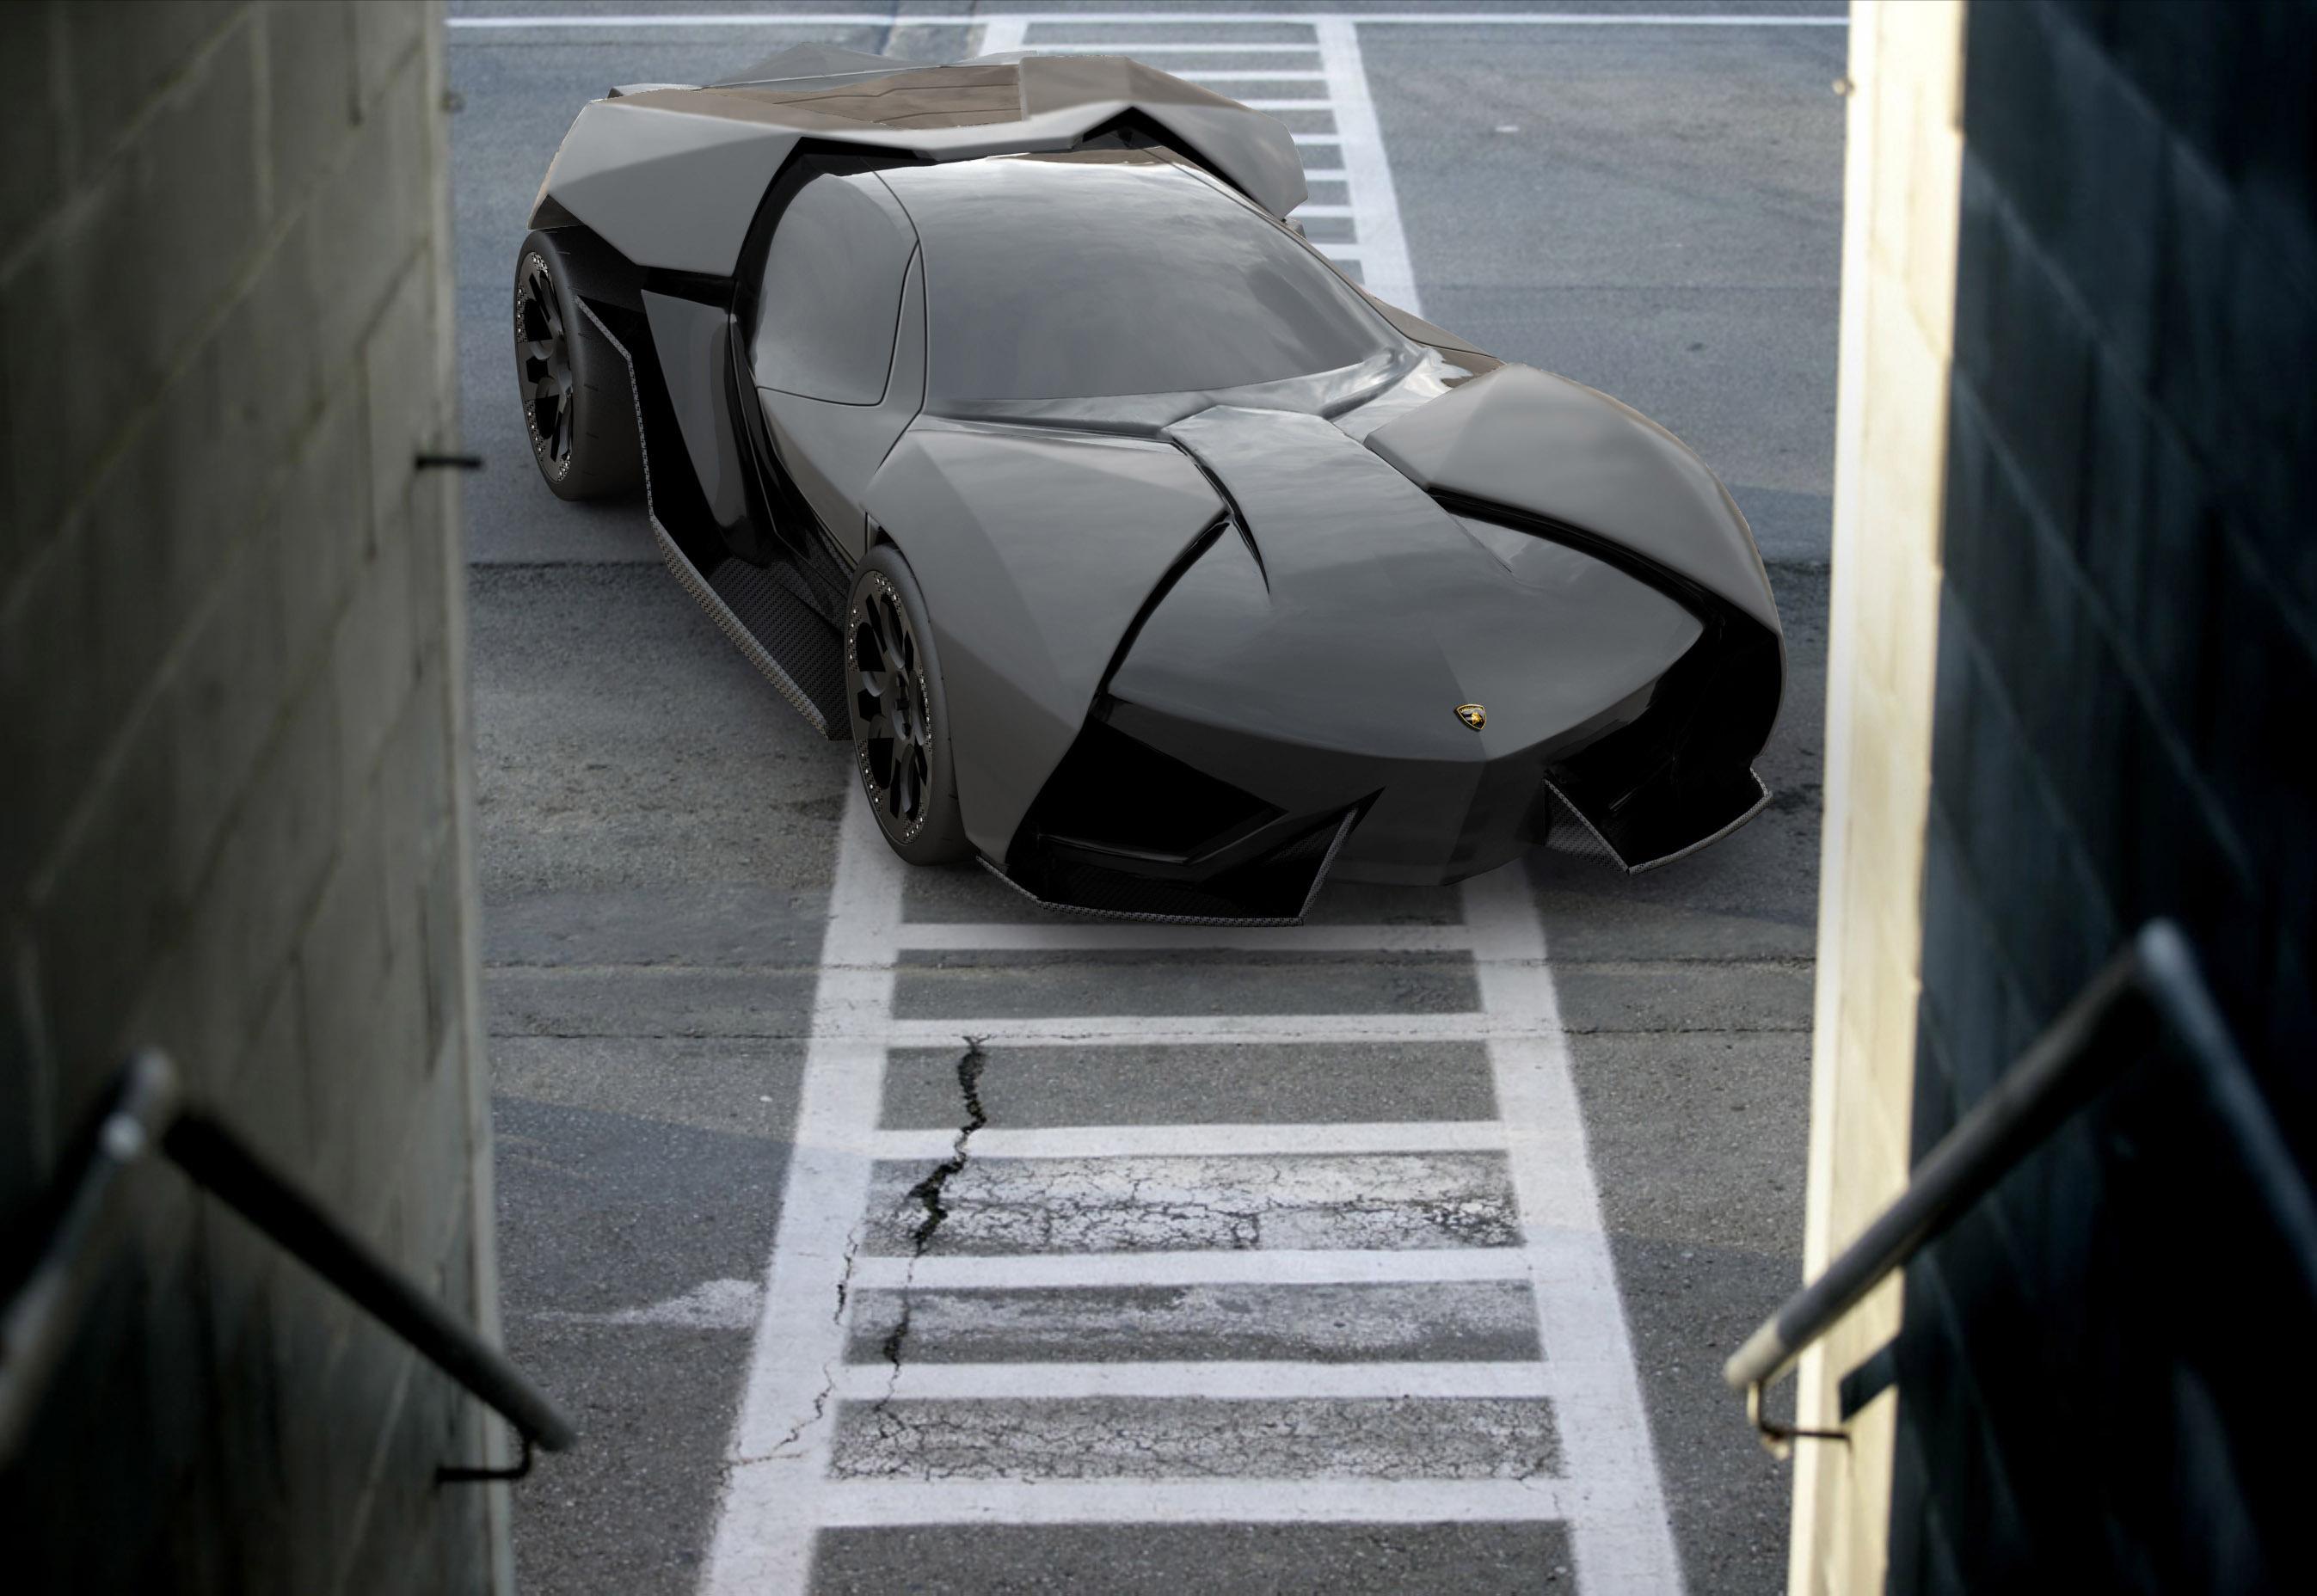 146724 Заставки и Обои Ламборджини (Lamborghini) на телефон. Скачать Ламборджини (Lamborghini), Тачки (Cars), Концепт, Ankonian картинки бесплатно